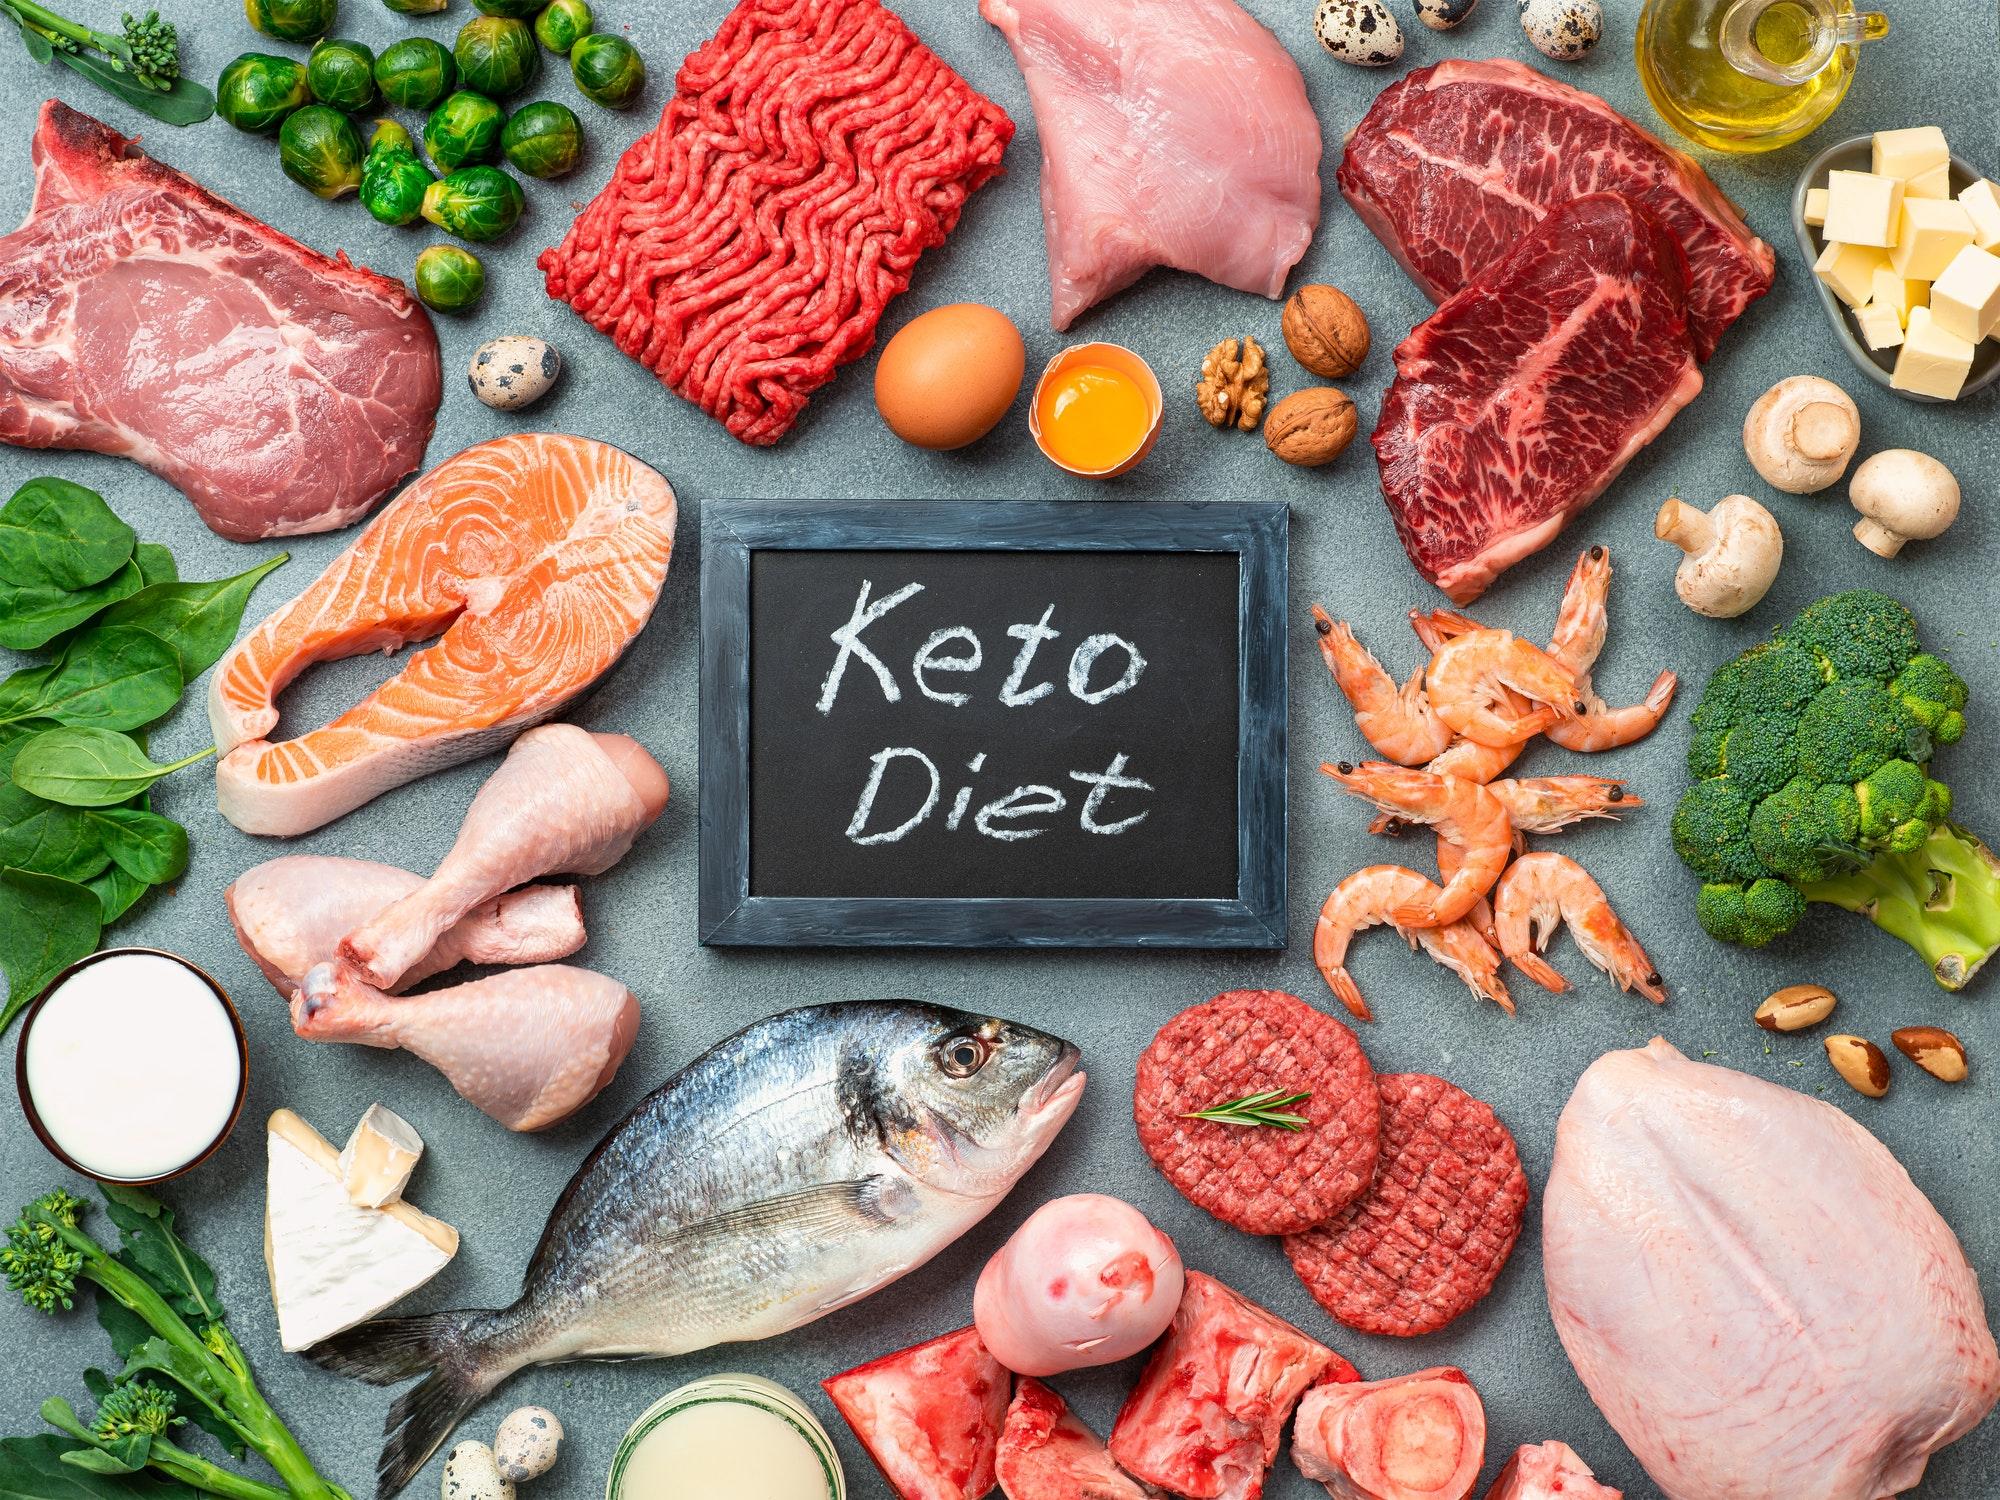 Dieta Cetogênica funciona